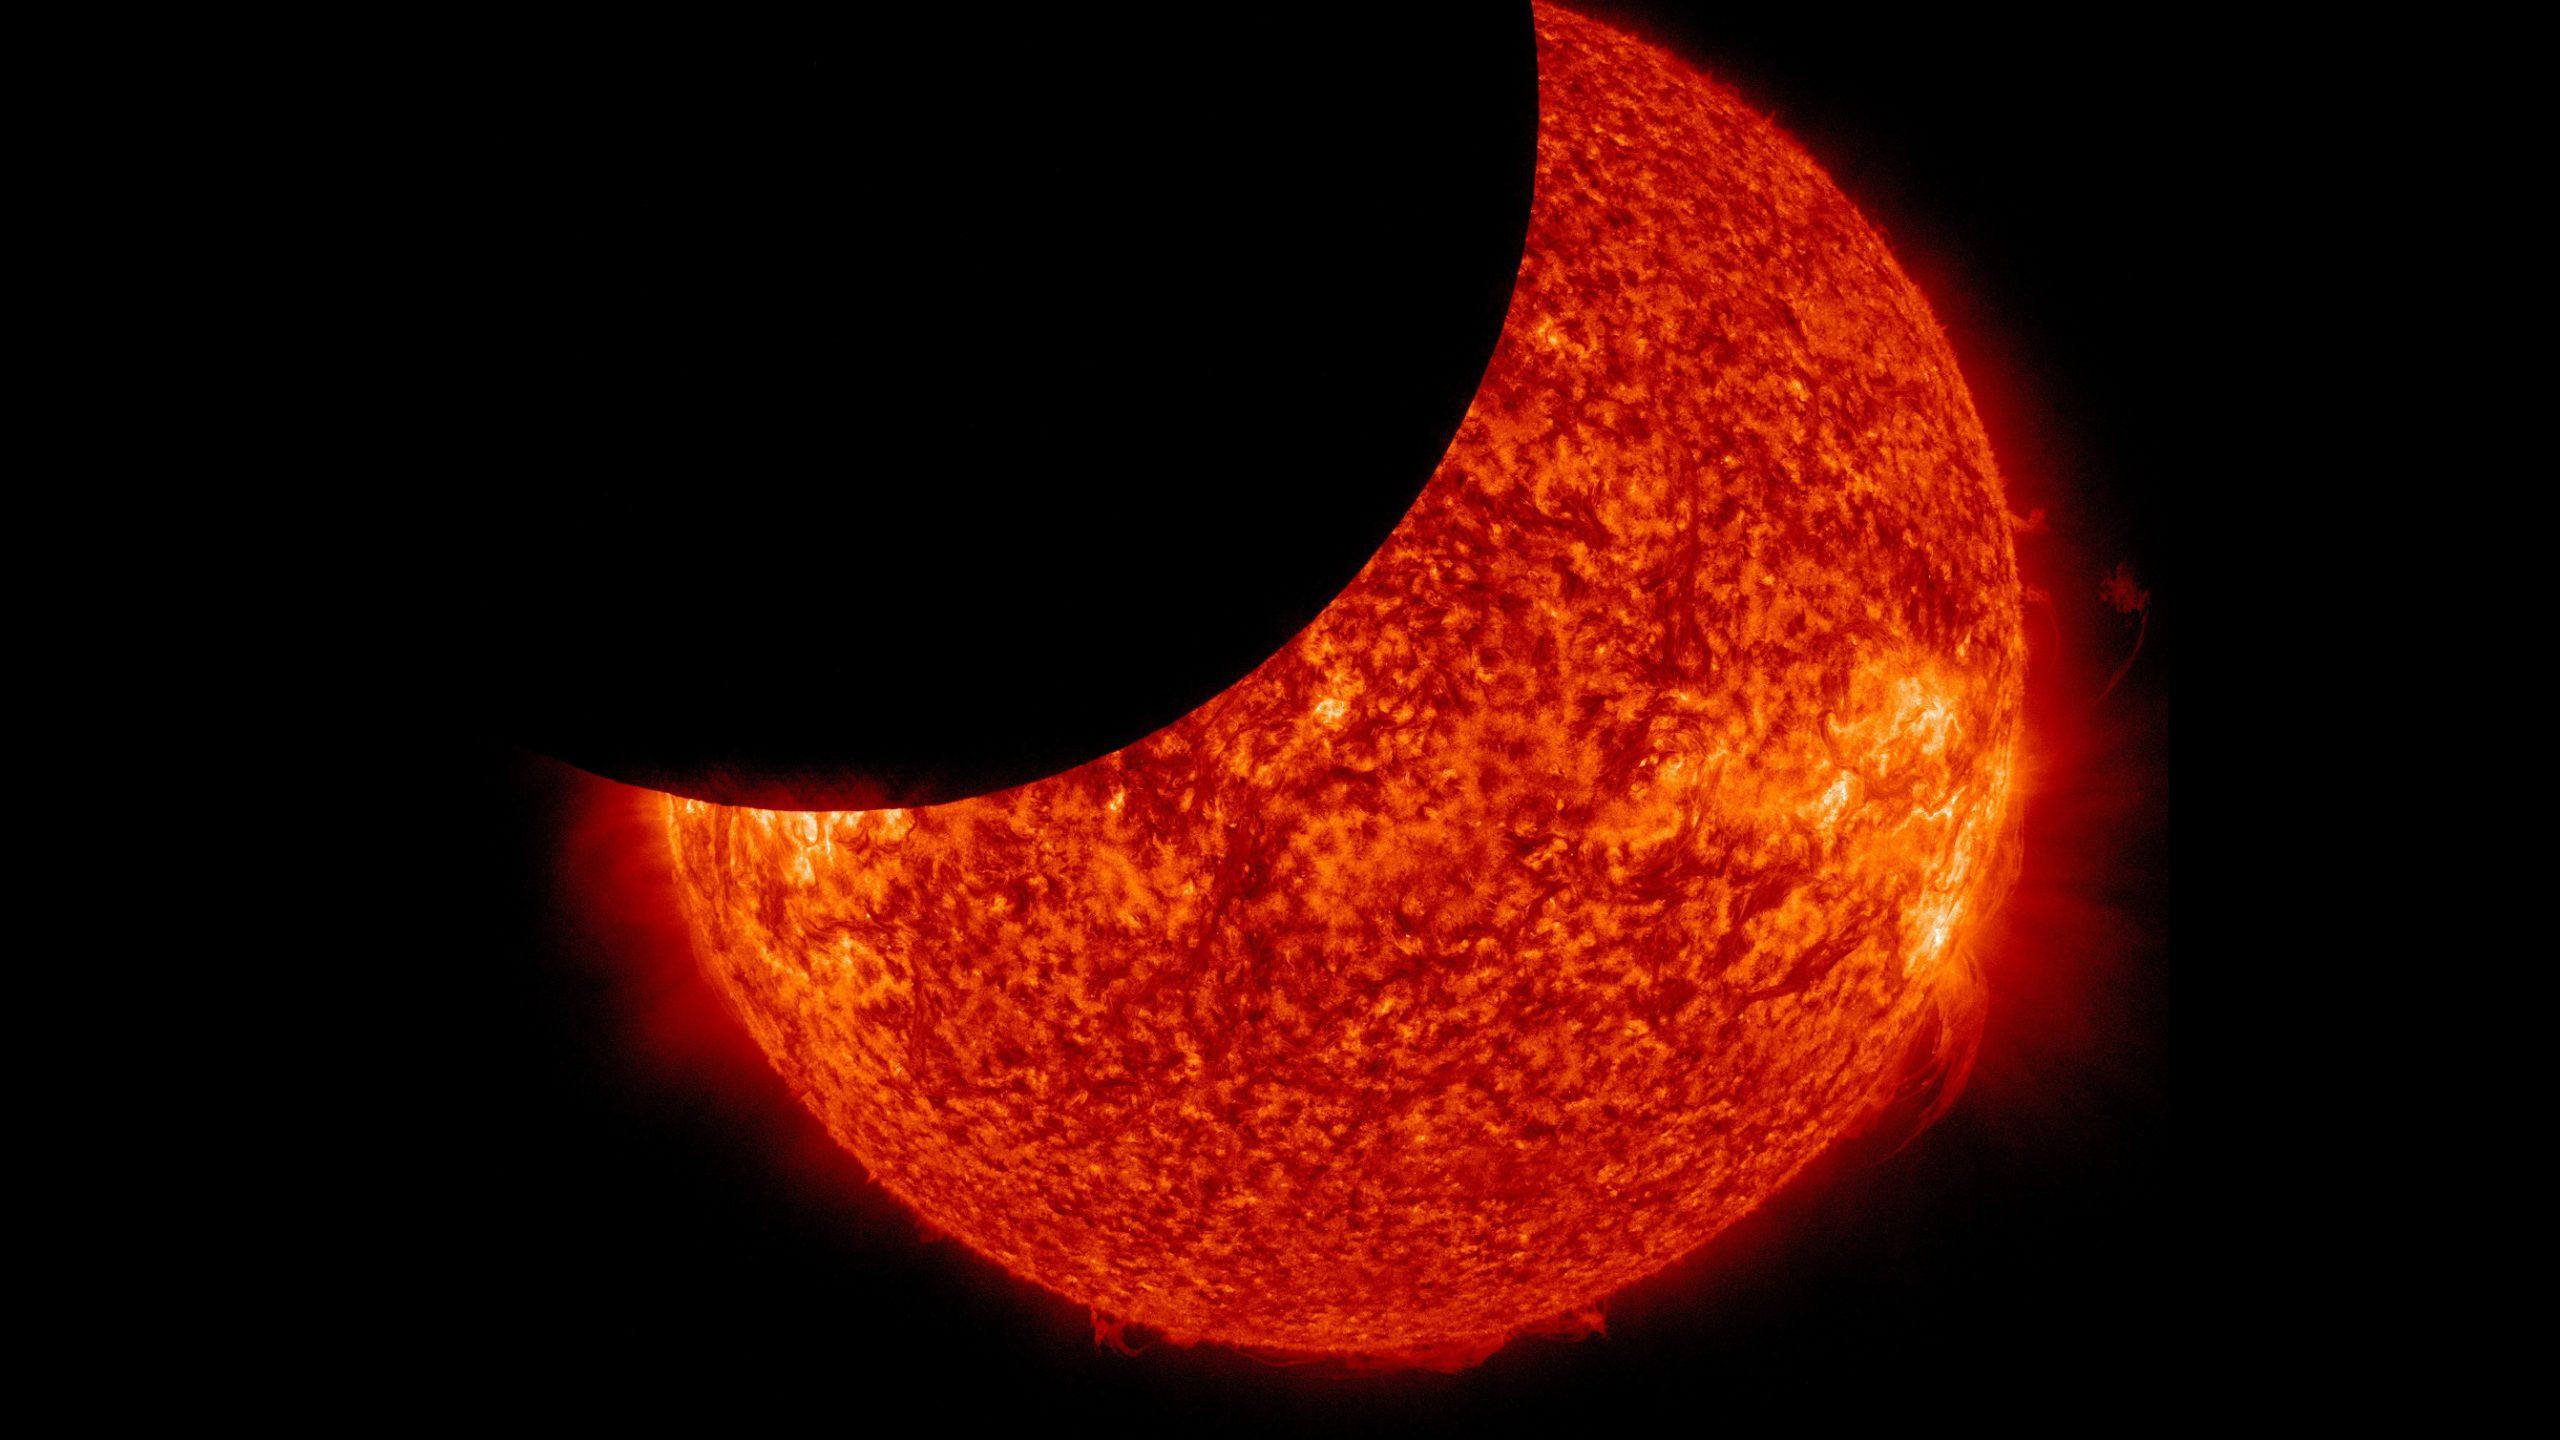 Warum Gibt Es Nicht Jeden Monat Eine Sonnenfinsternis ganzes Wann Entsteht Eine Sonnenfinsternis